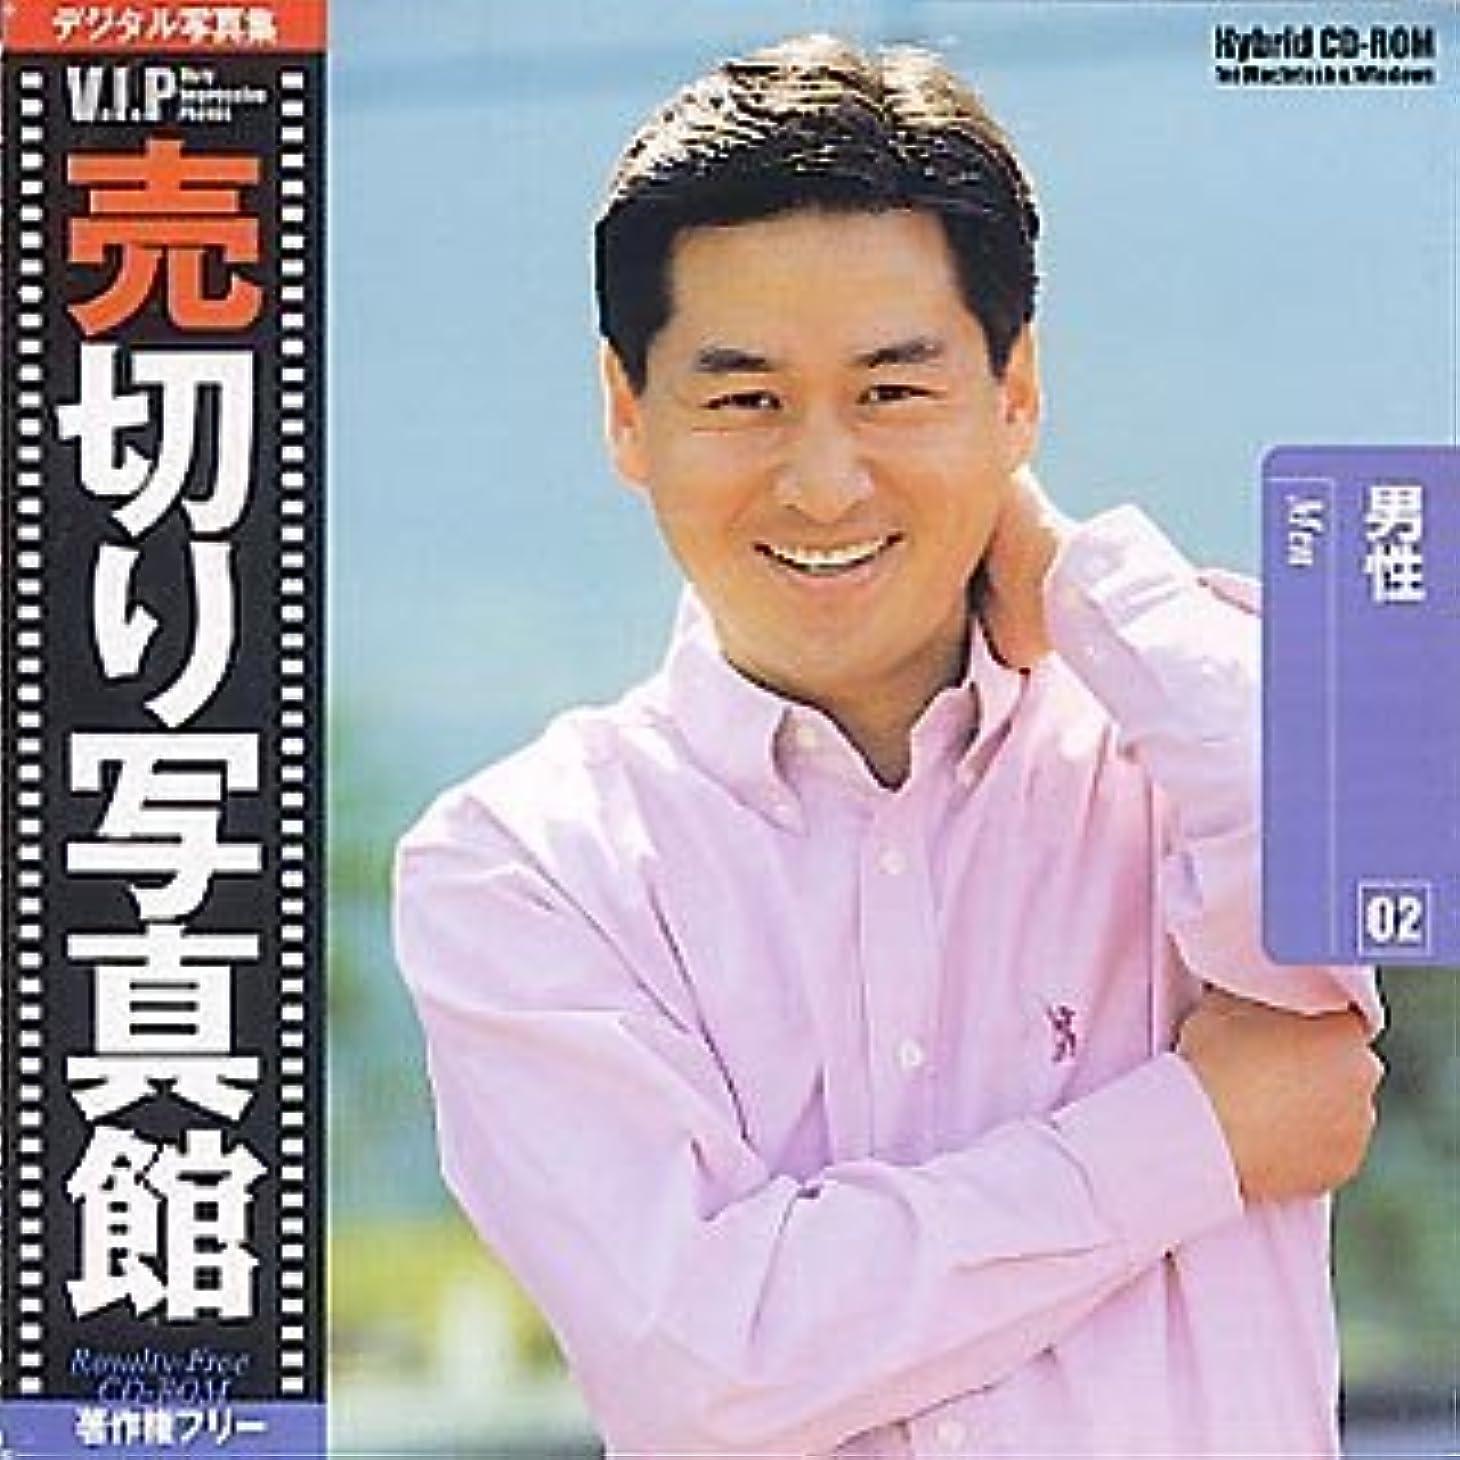 検索エンジンマーケティング形映画売切り写真館 VIPシリーズ Vol.2 男性